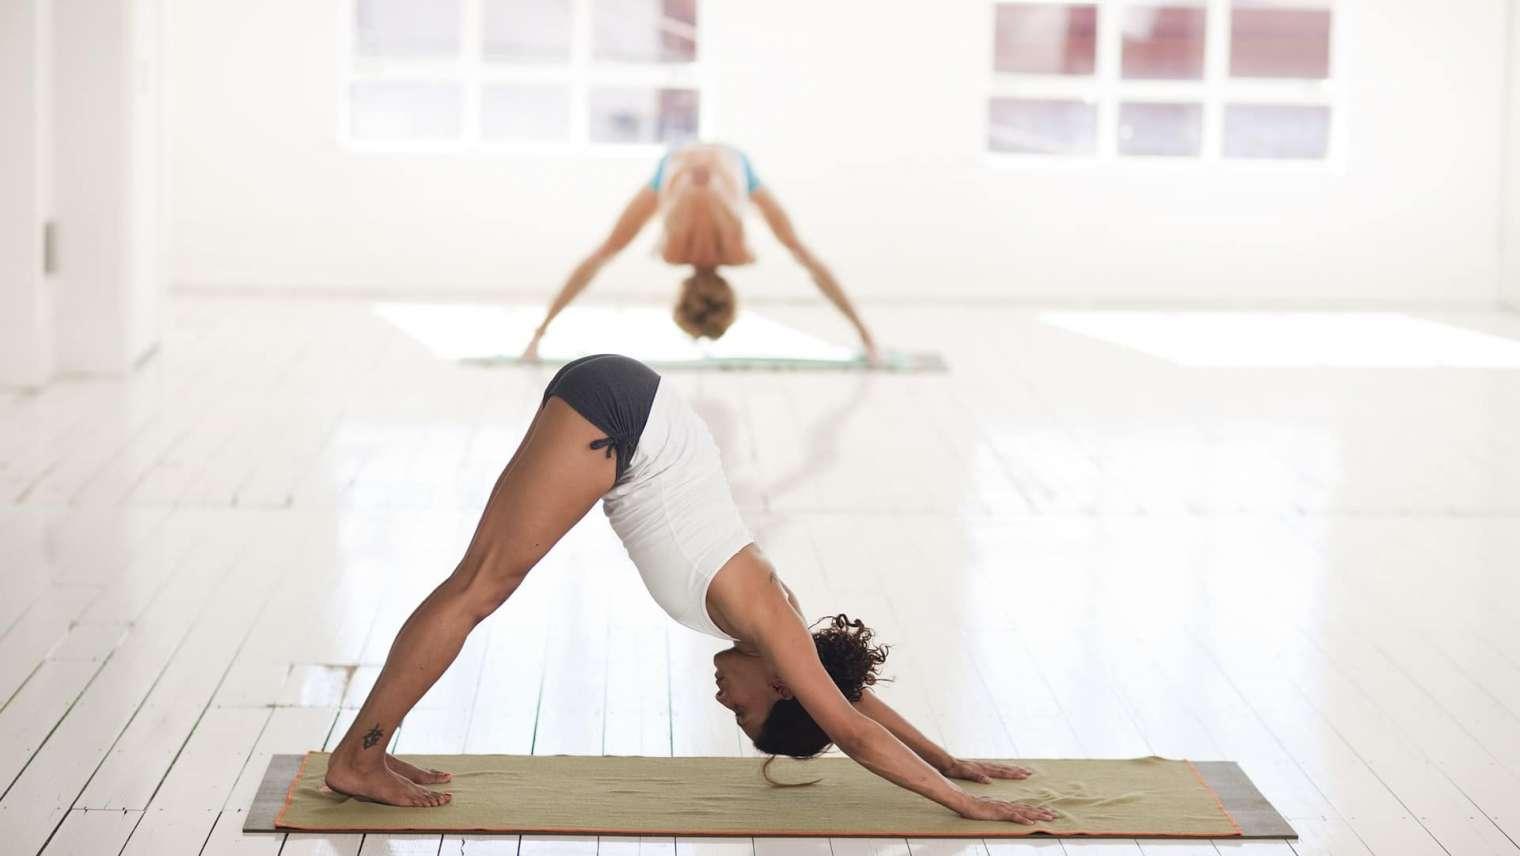 Quels sont les accessoires nécessaires pour faire du yoga ?